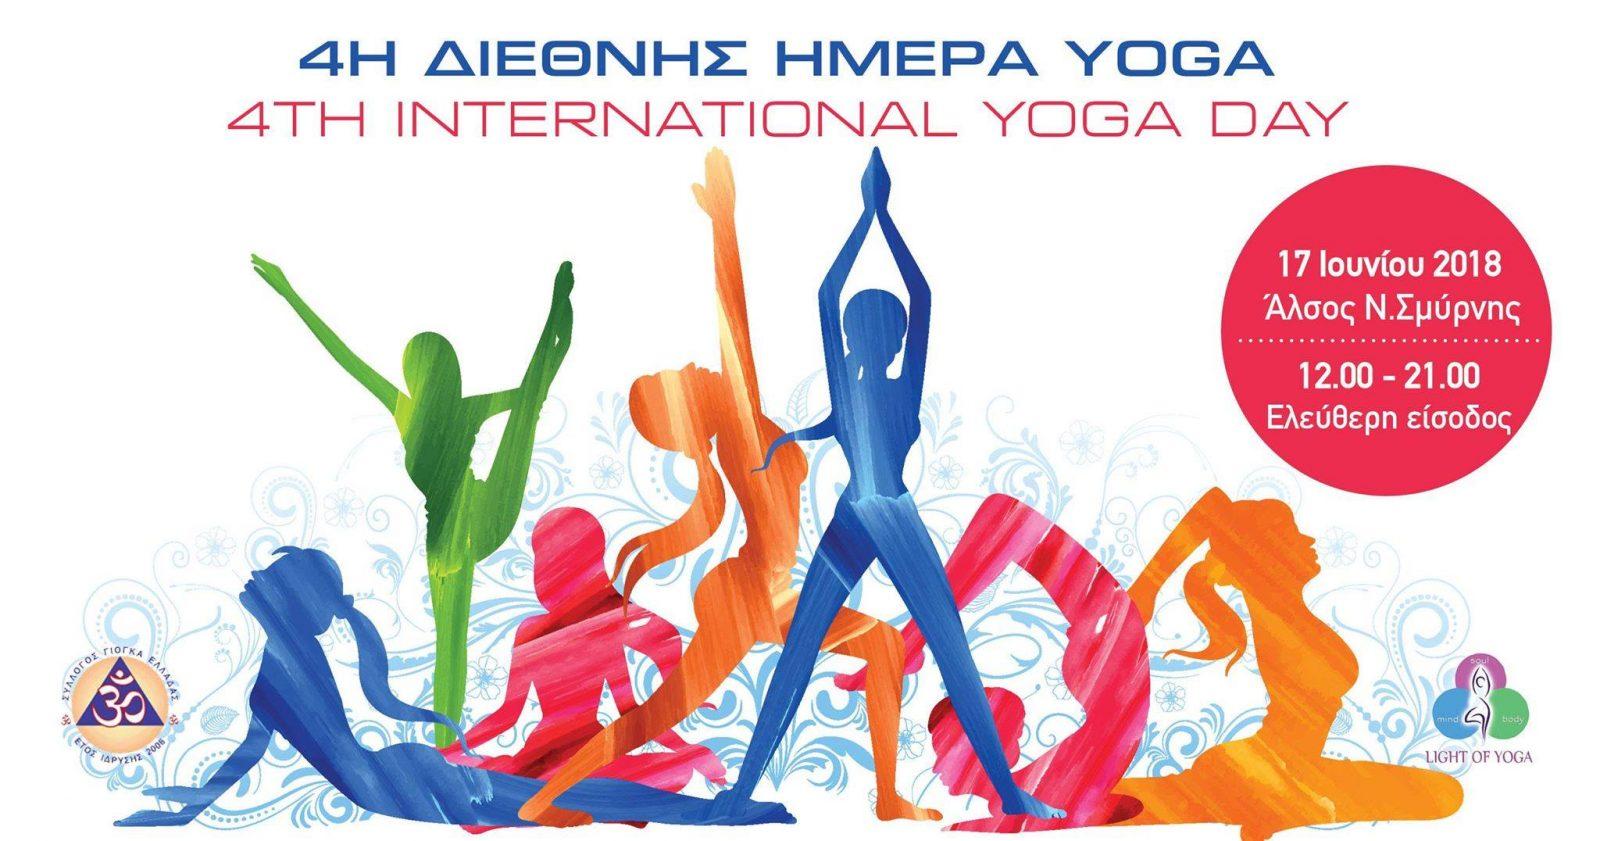 4η Διεθνής Ημέρα Yoga - 4th International Yoga Day